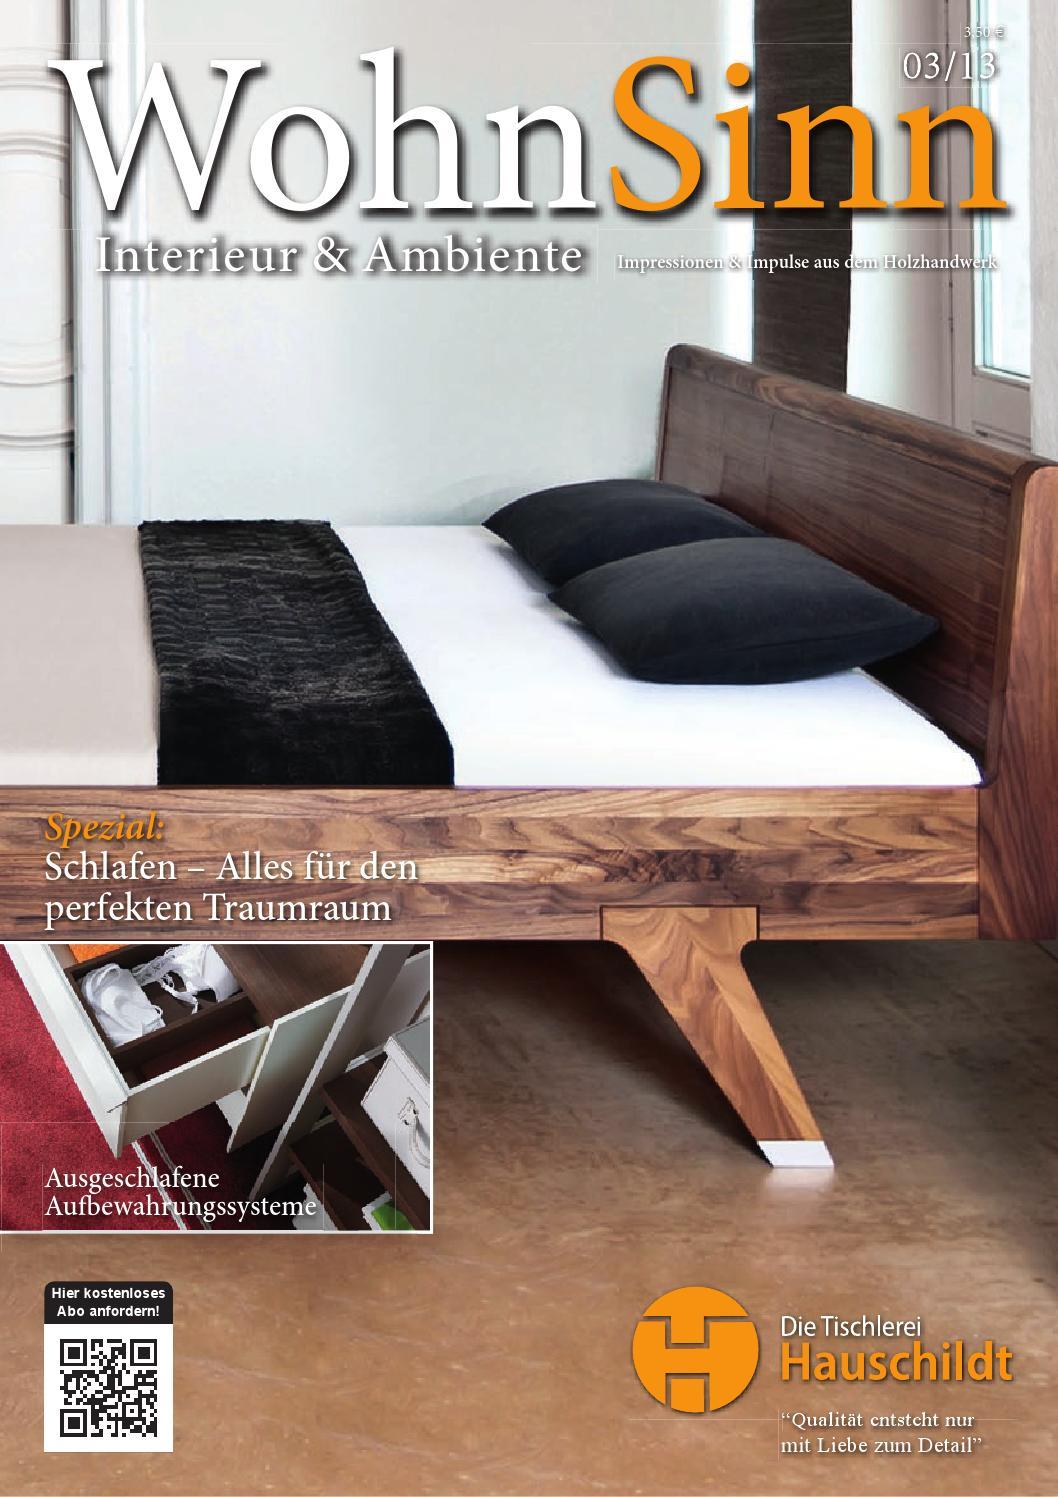 Wohnsinn Hauschildt 0313 By TopaTeam GmbH   Issuu